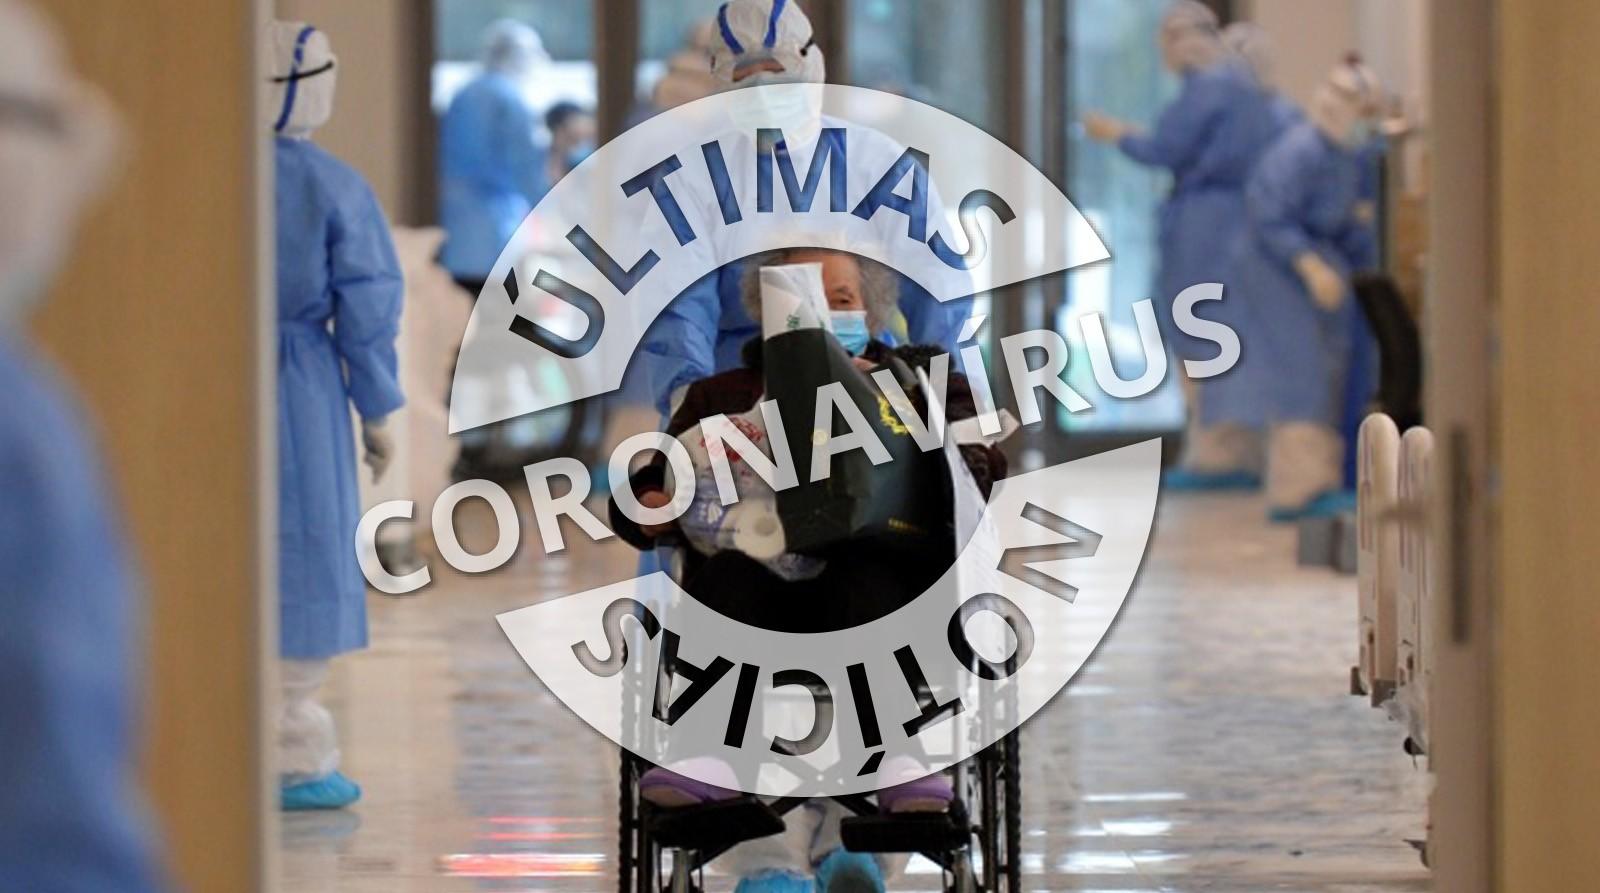 Confira as últimas notícias sobre o coronavírus nas regiões de Bauru e Marília